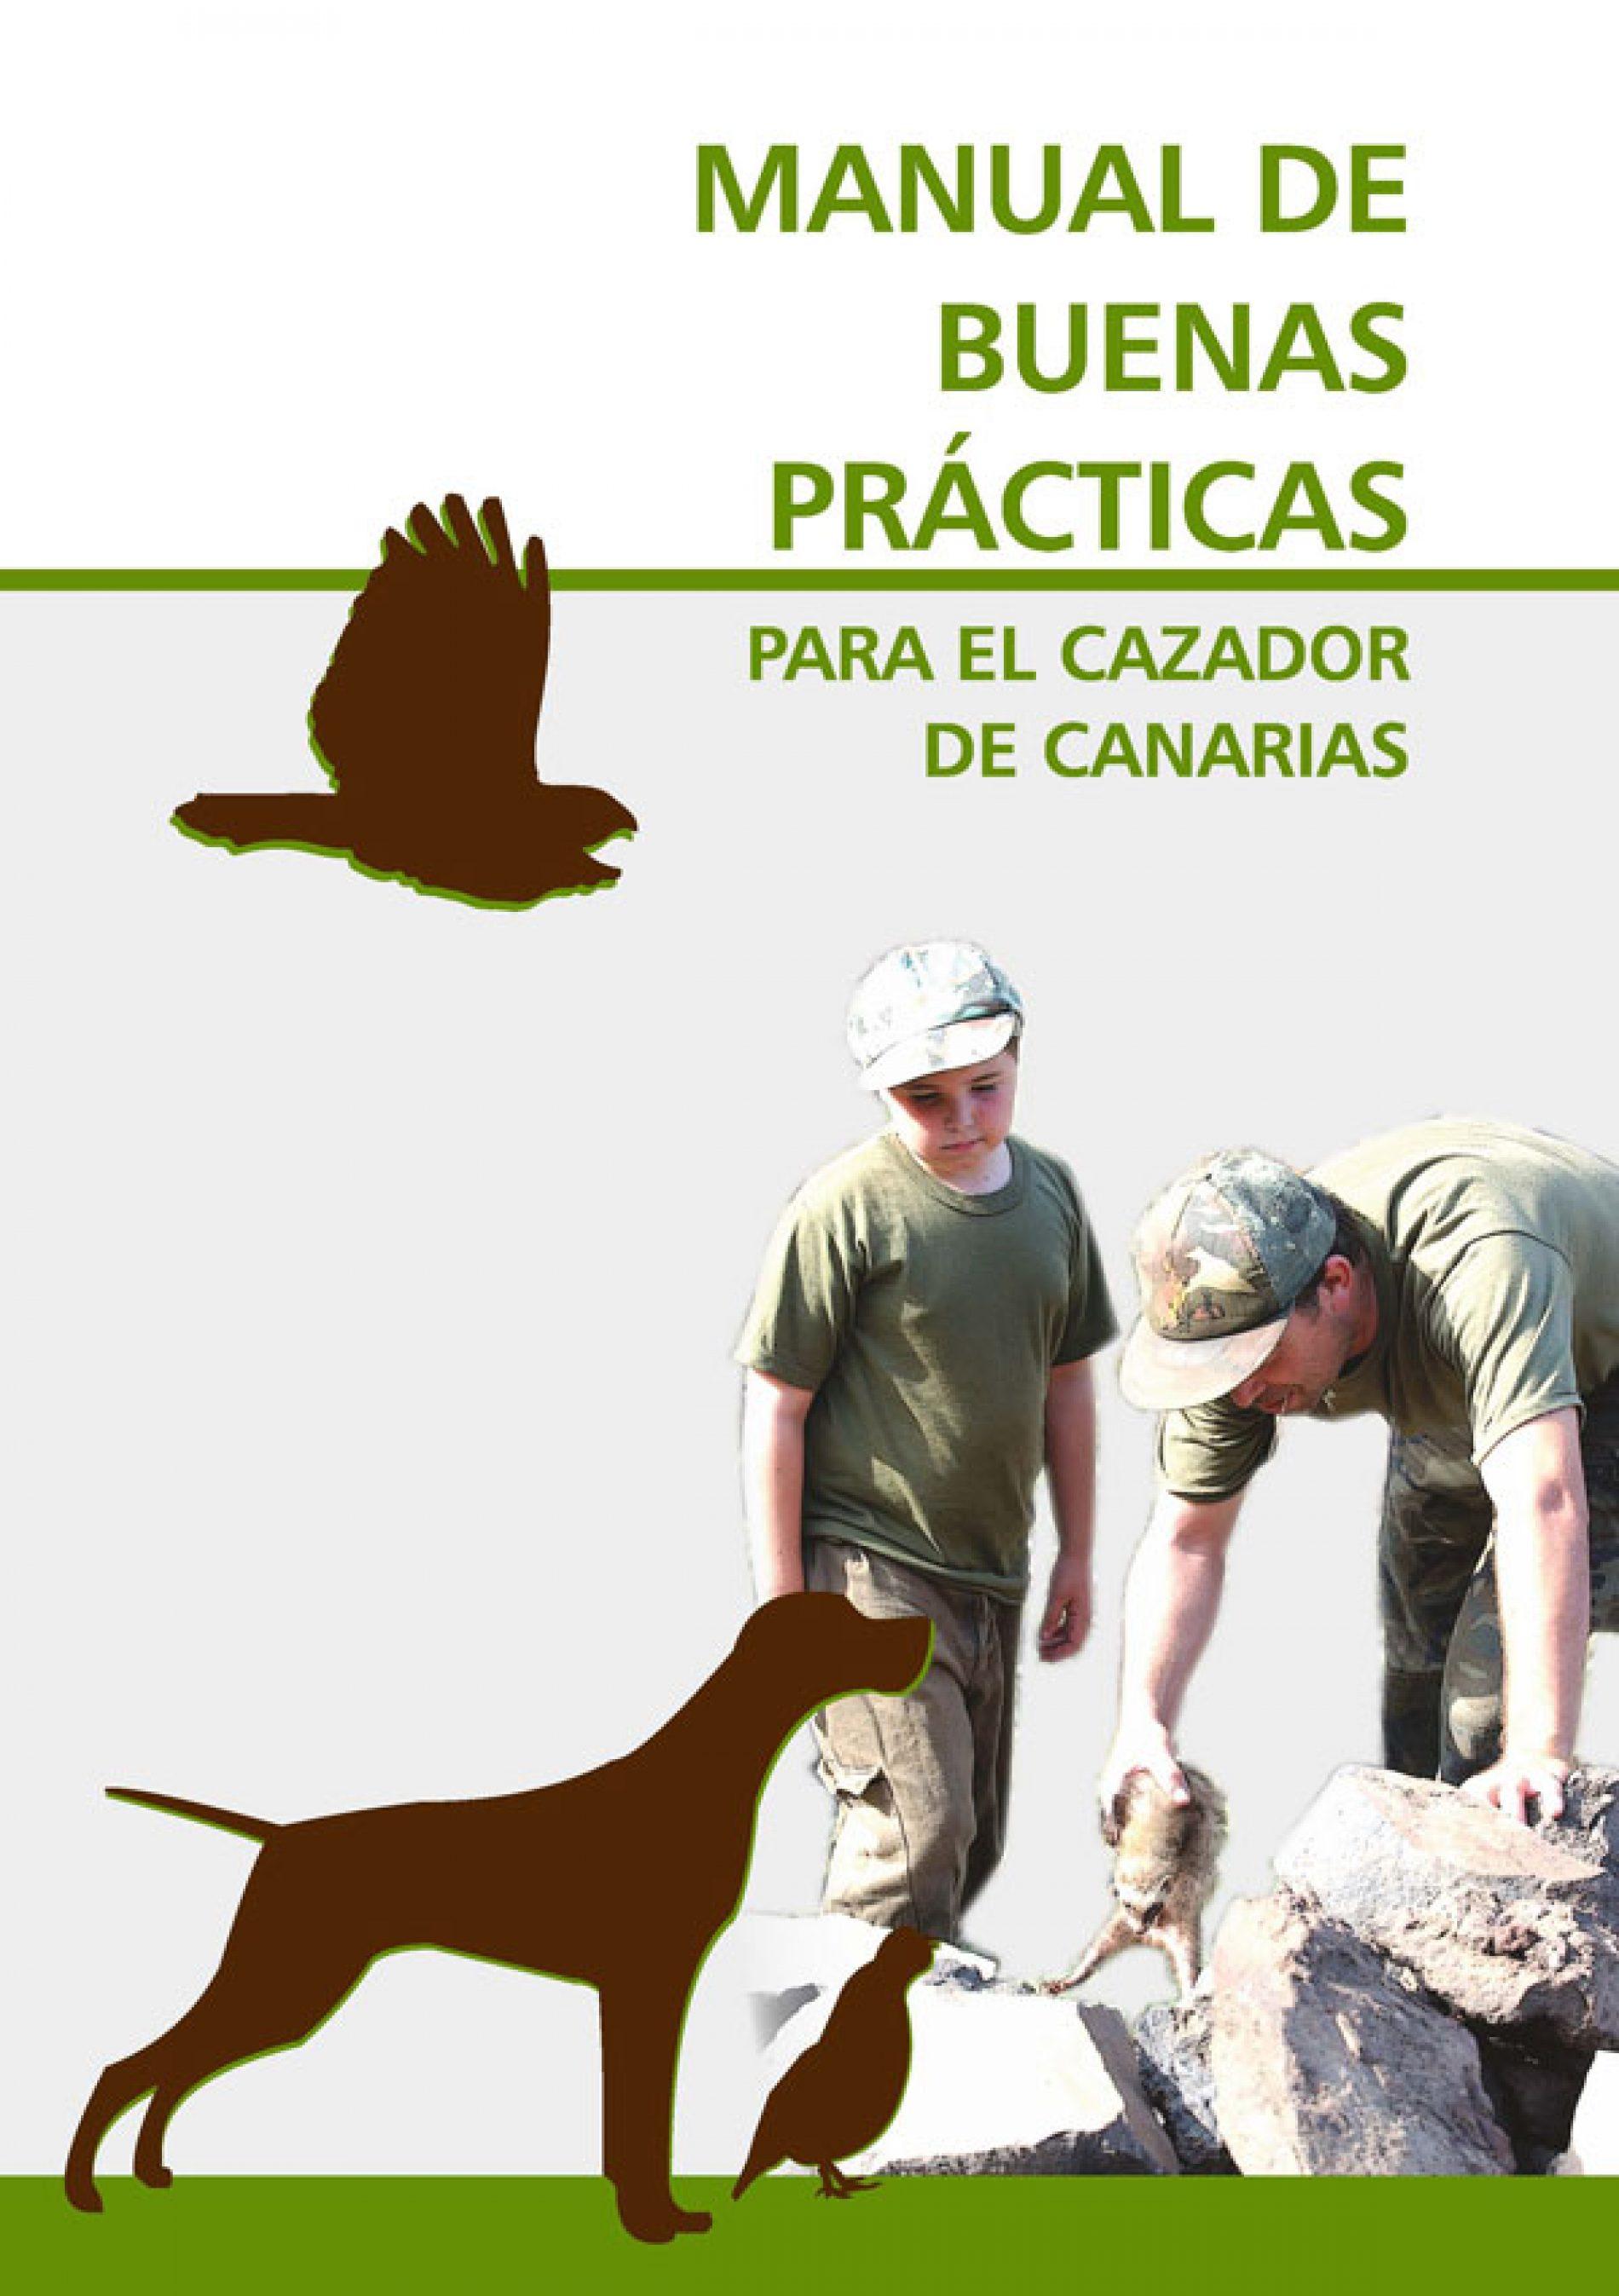 La UNAC colabora con el Gobierno de Canarias